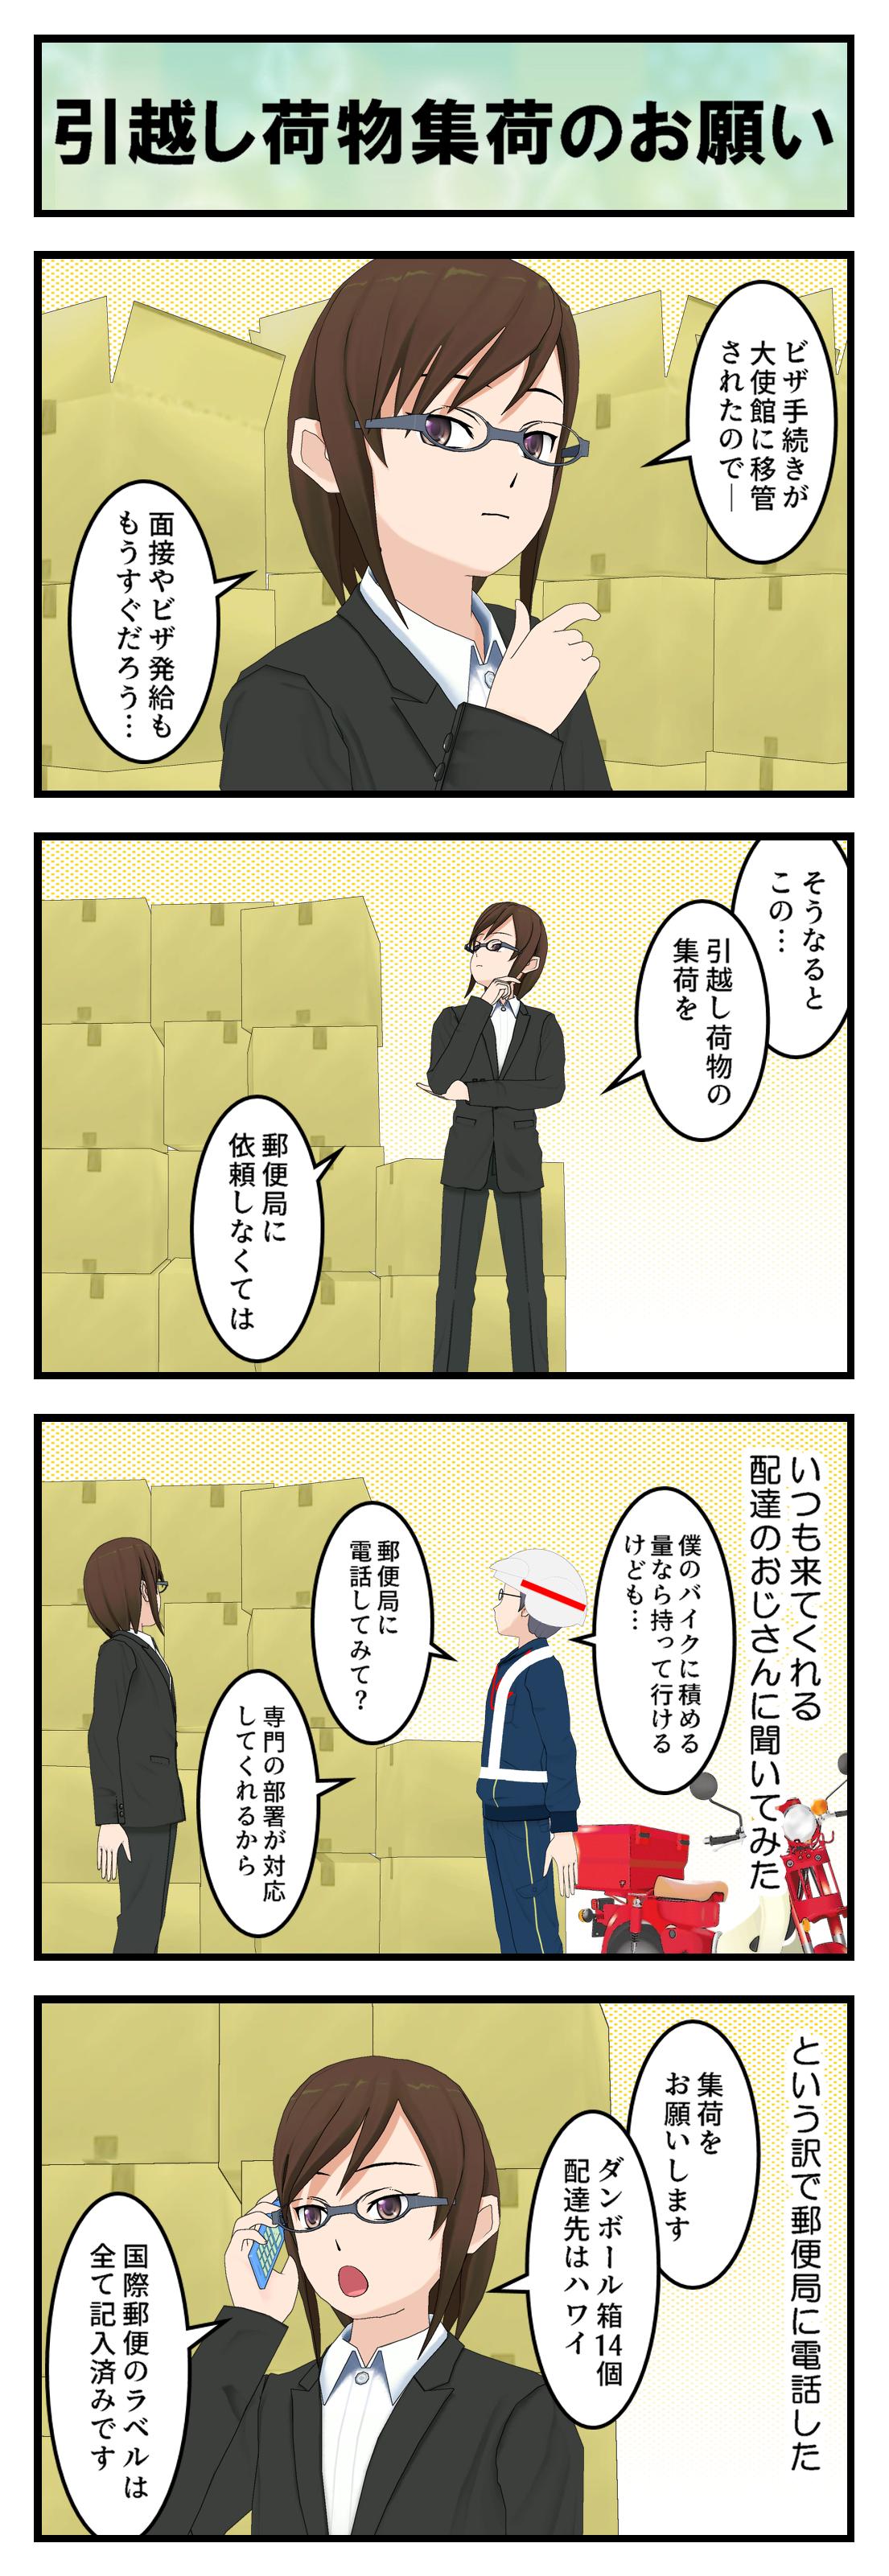 Q154_集荷願い_001